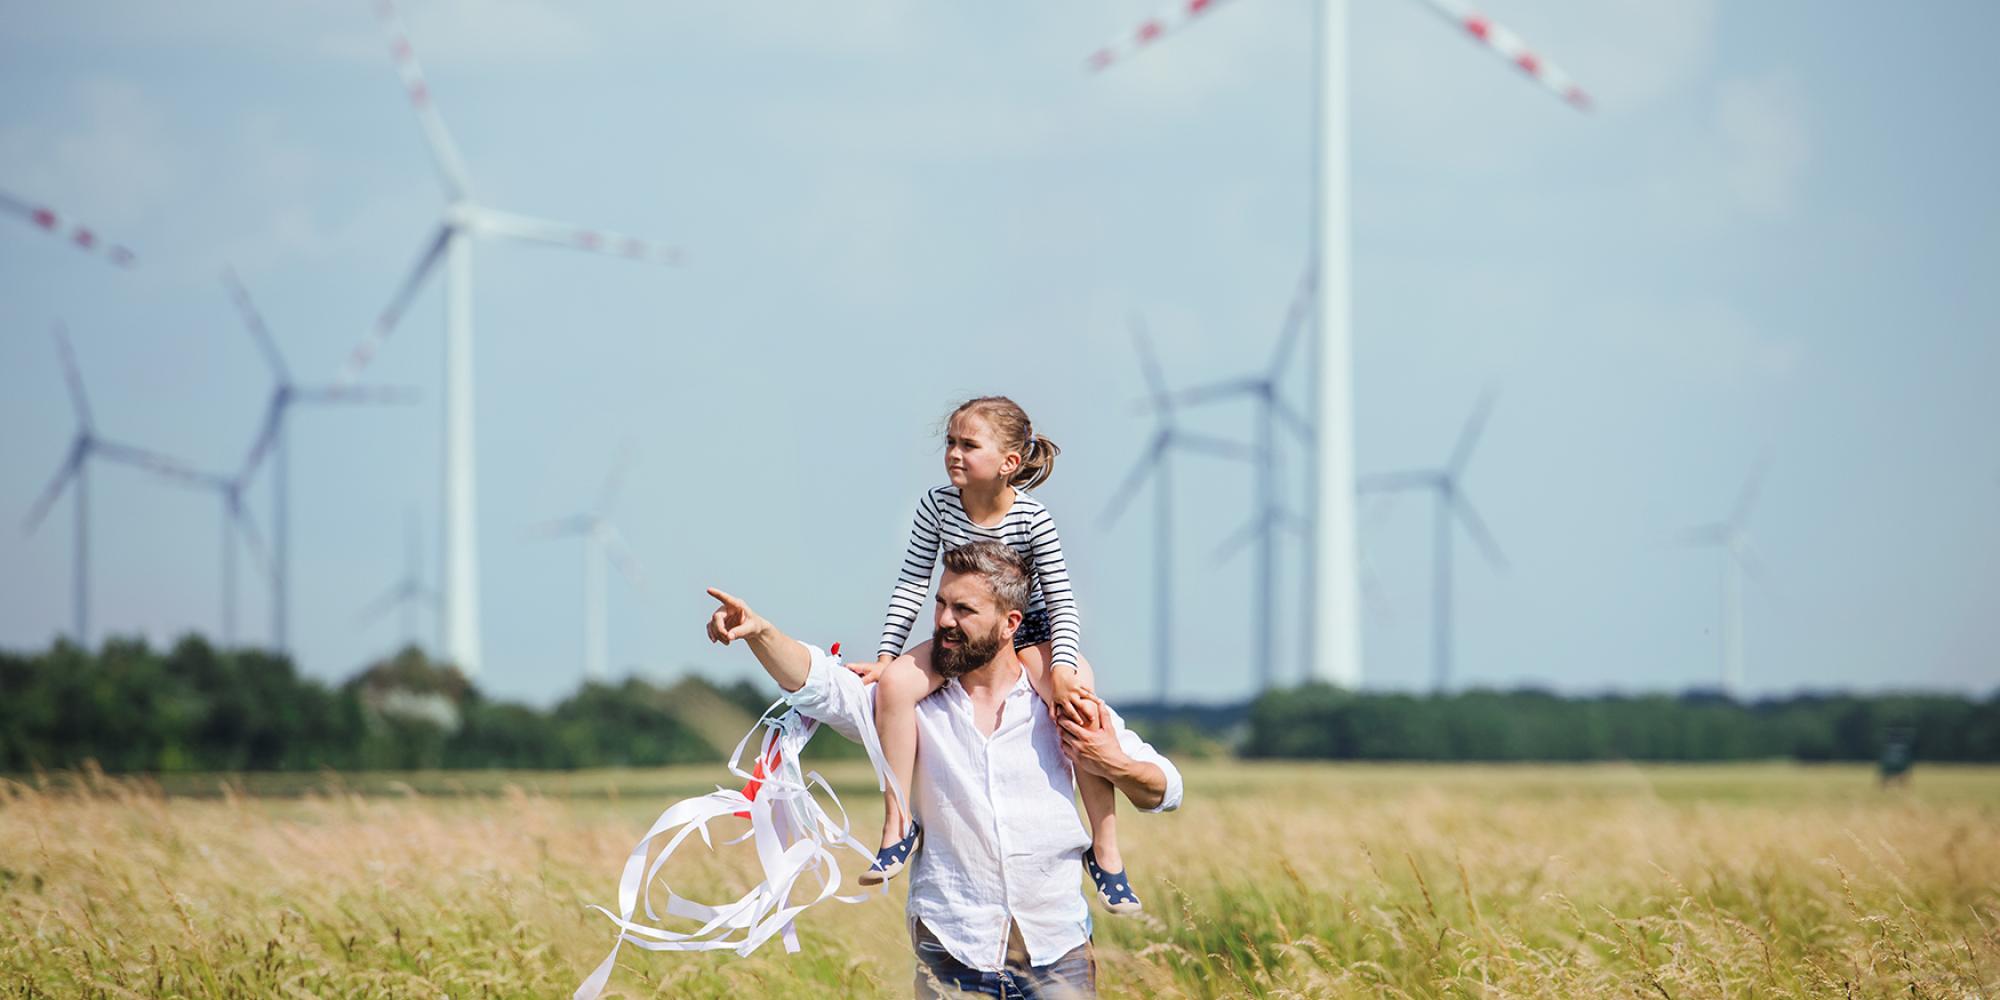 Papa hat seine kleine Tochter auf der Schulter im Feld im Hintergrund Windräder